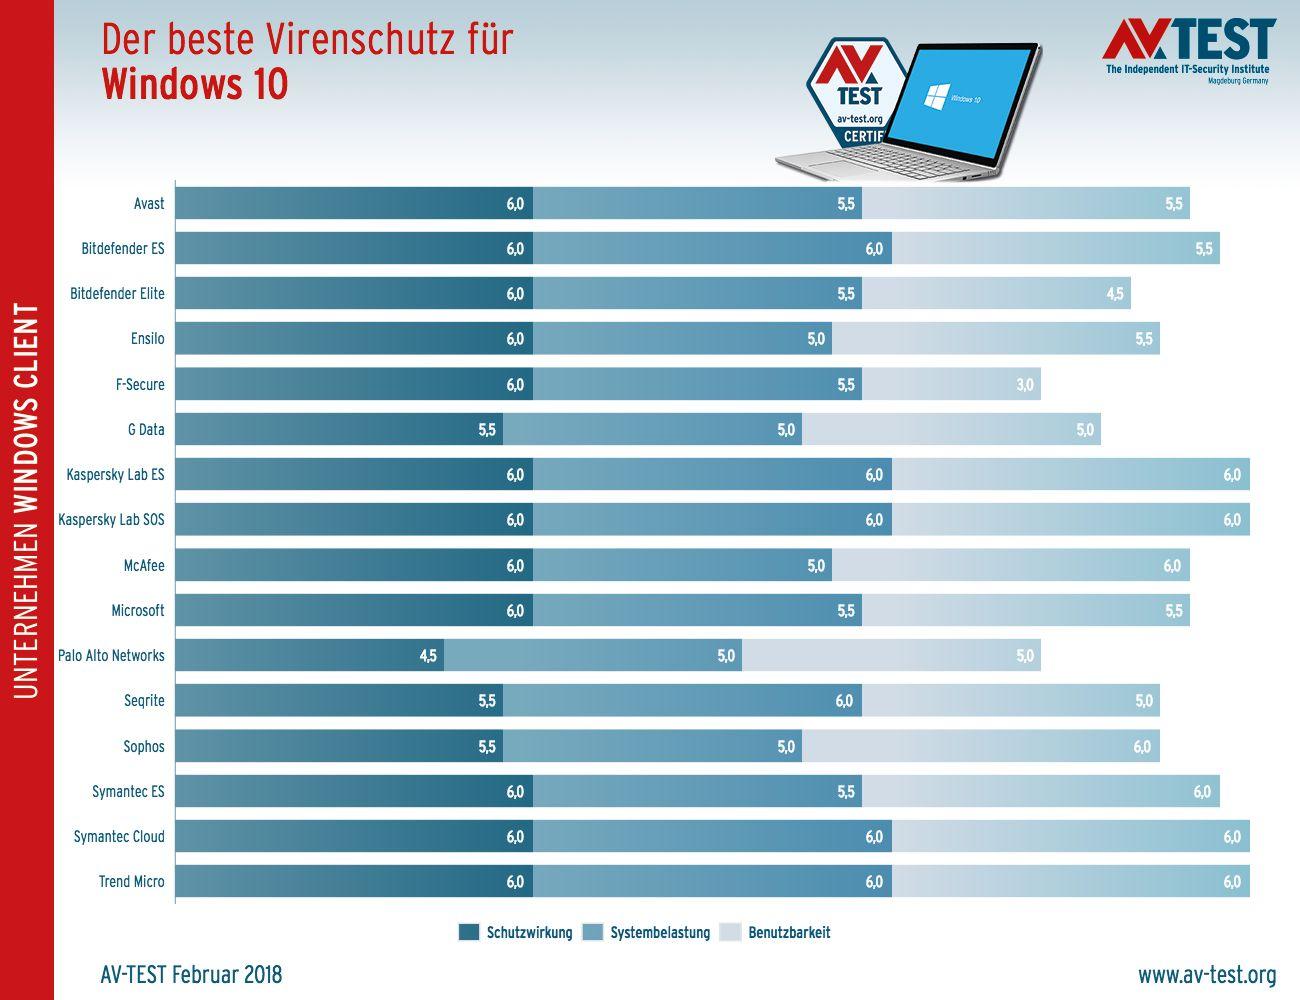 Antivirus-Programme für Windows 10 im Vergleich